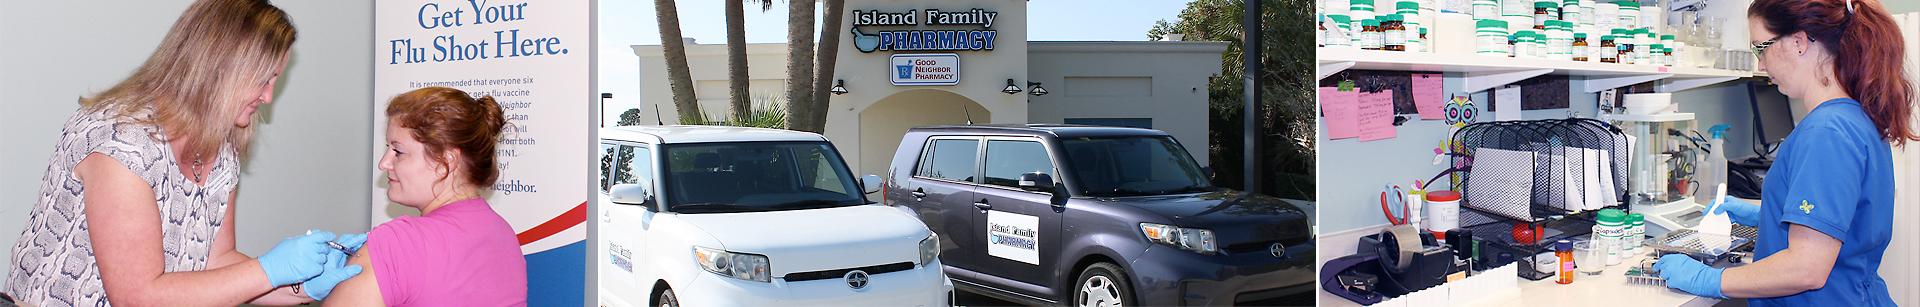 islandfamilypharmacy-titleimg